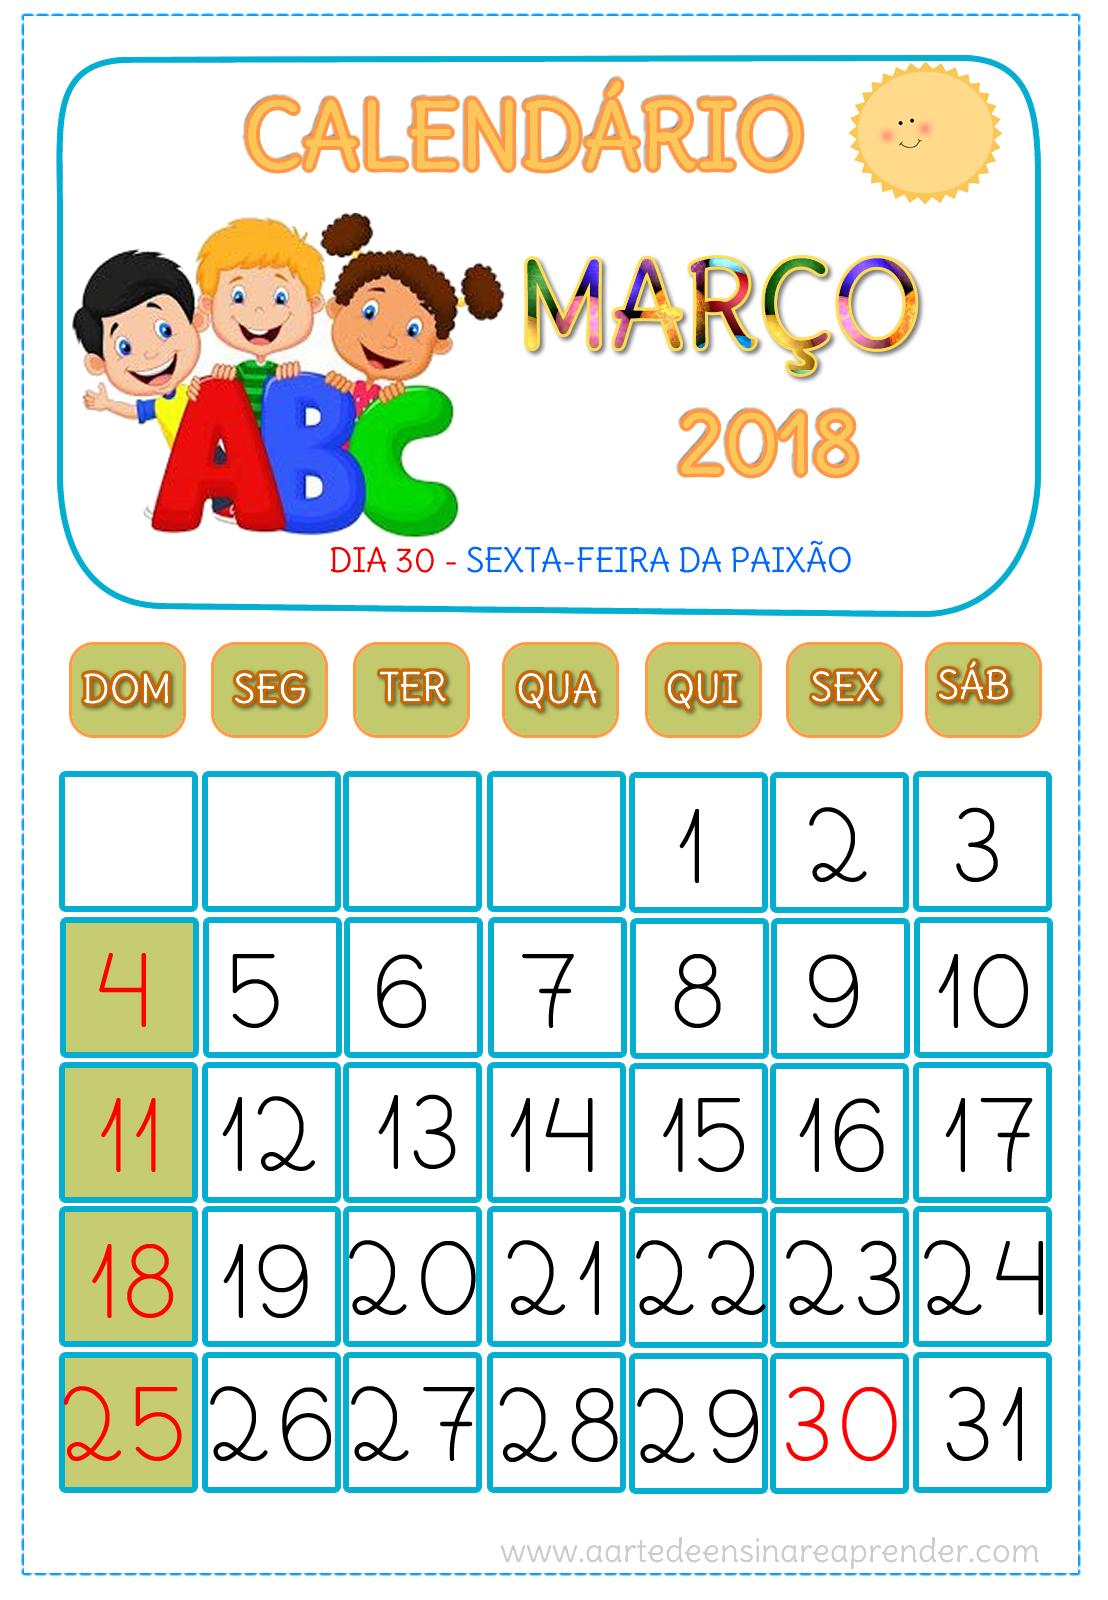 Calendário MARÇO 2018   Matem   Pinterest   Calendario 2018, Aula y ...